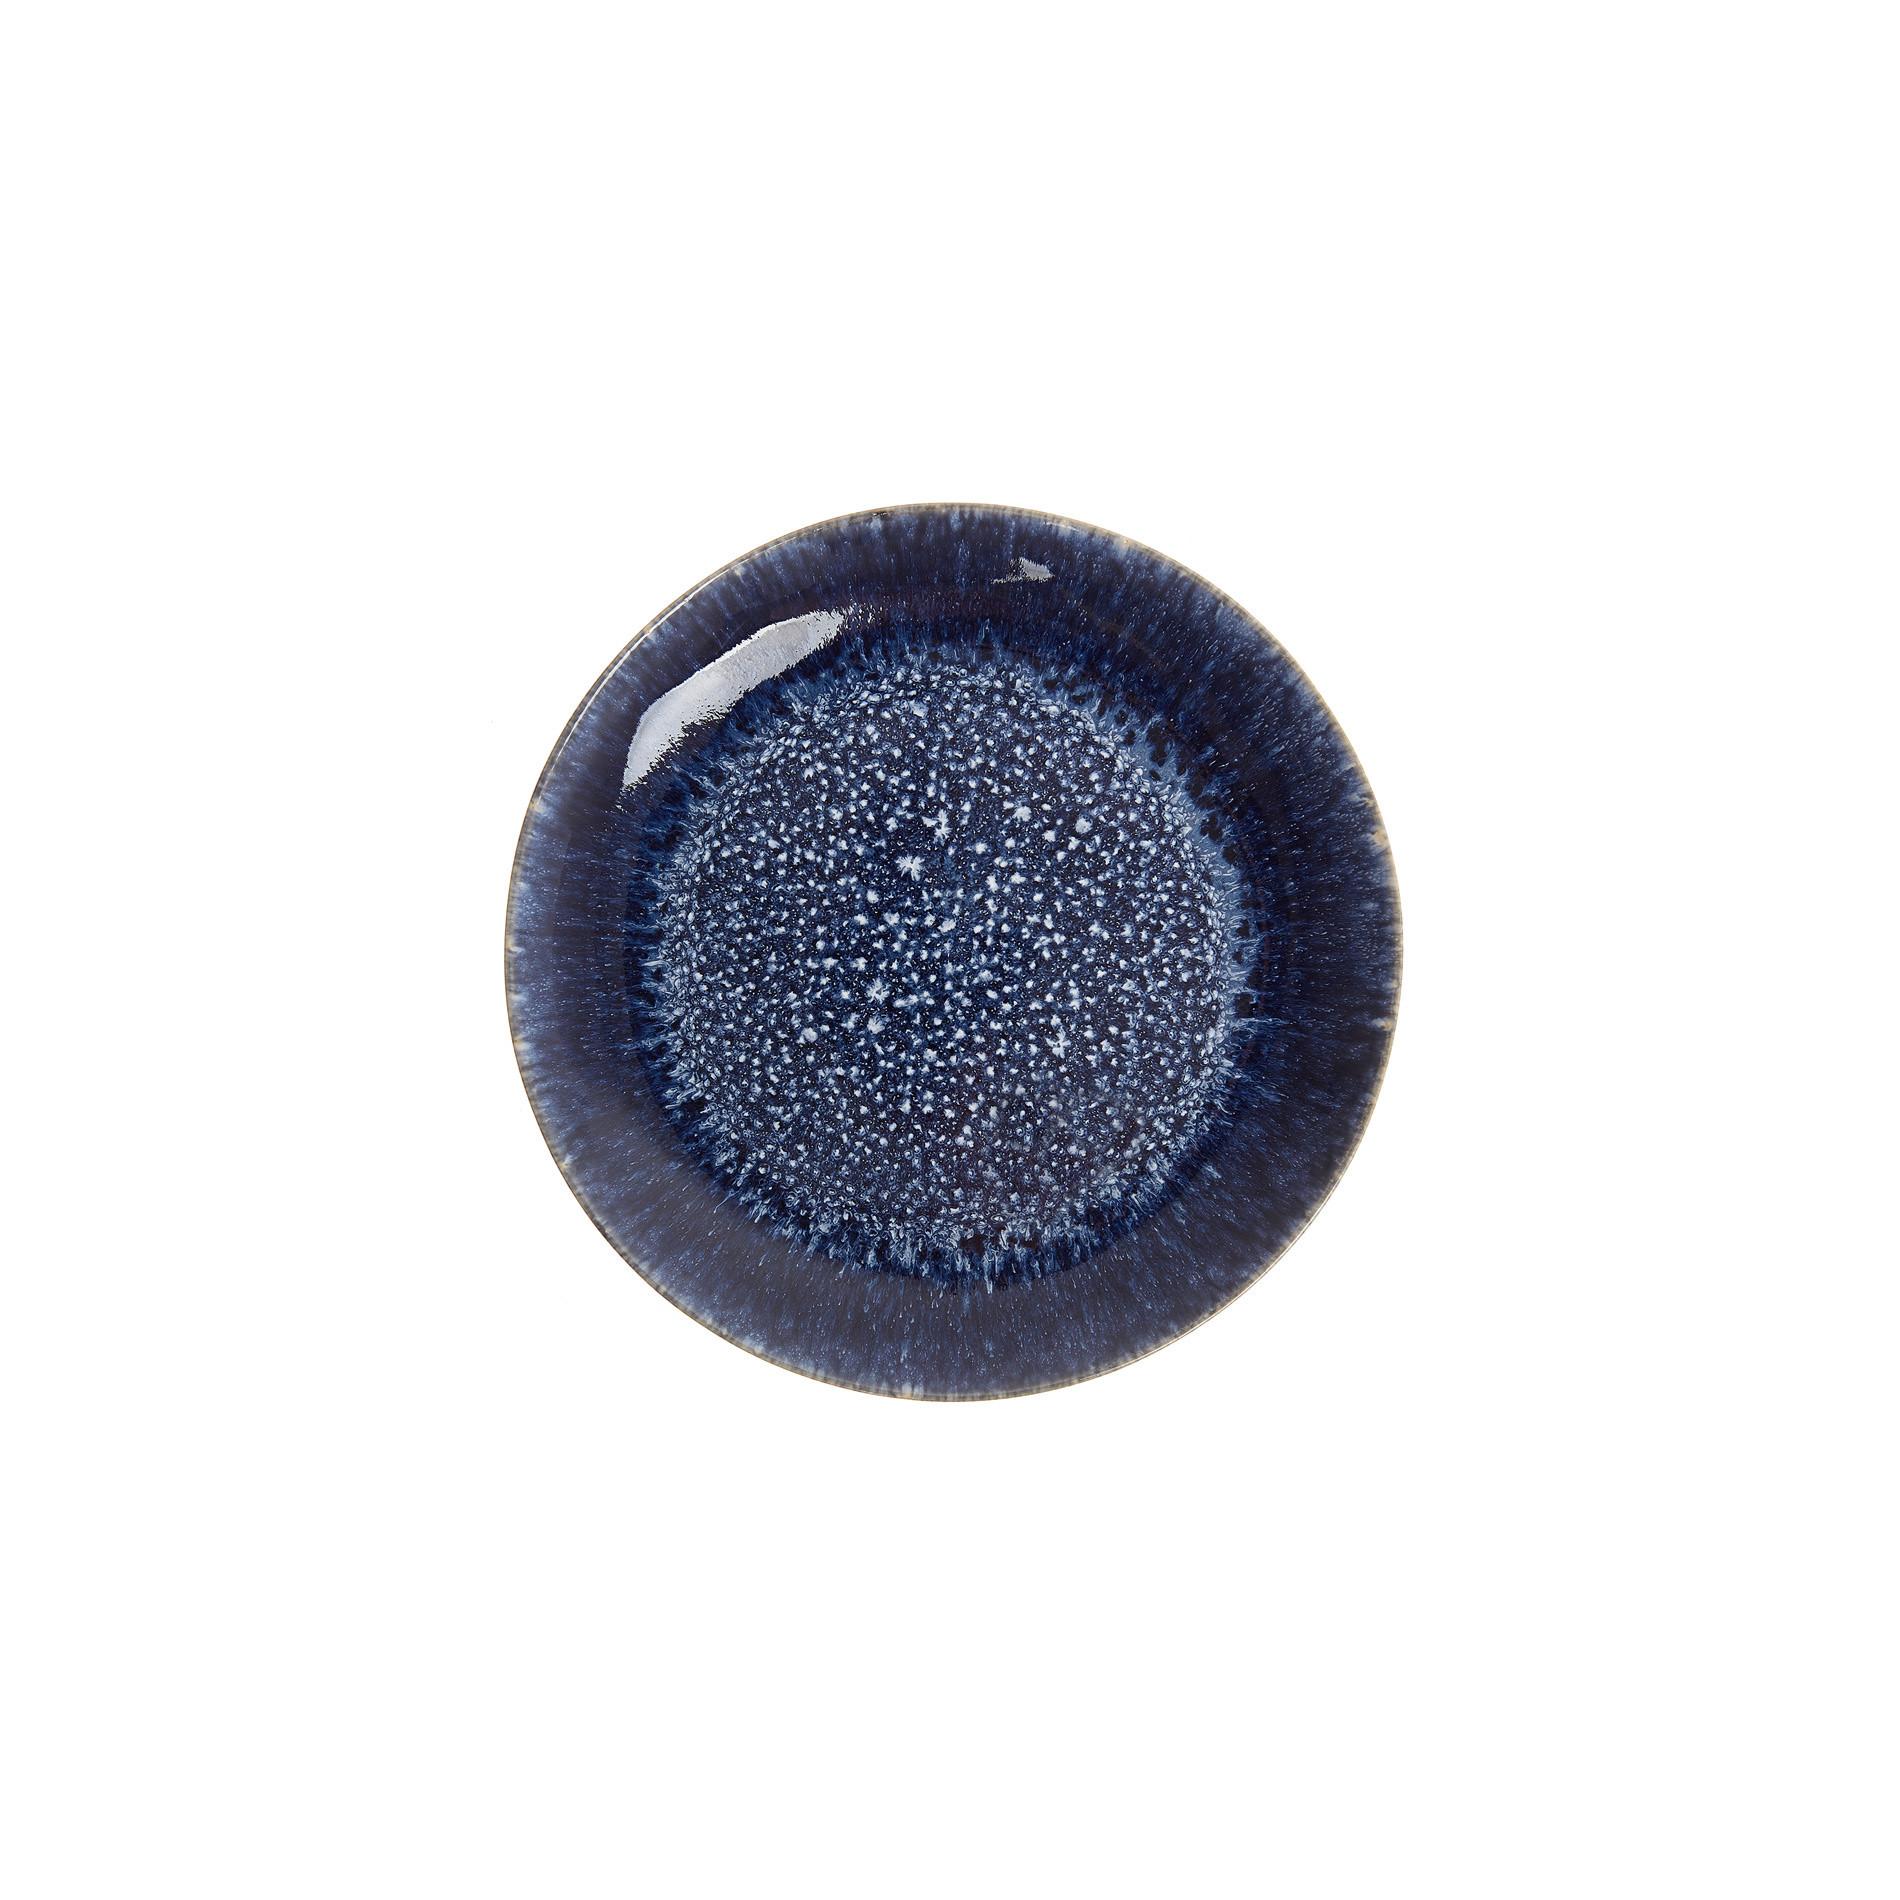 Piatto frutta ceramica smalto reattivo, Blu, large image number 0